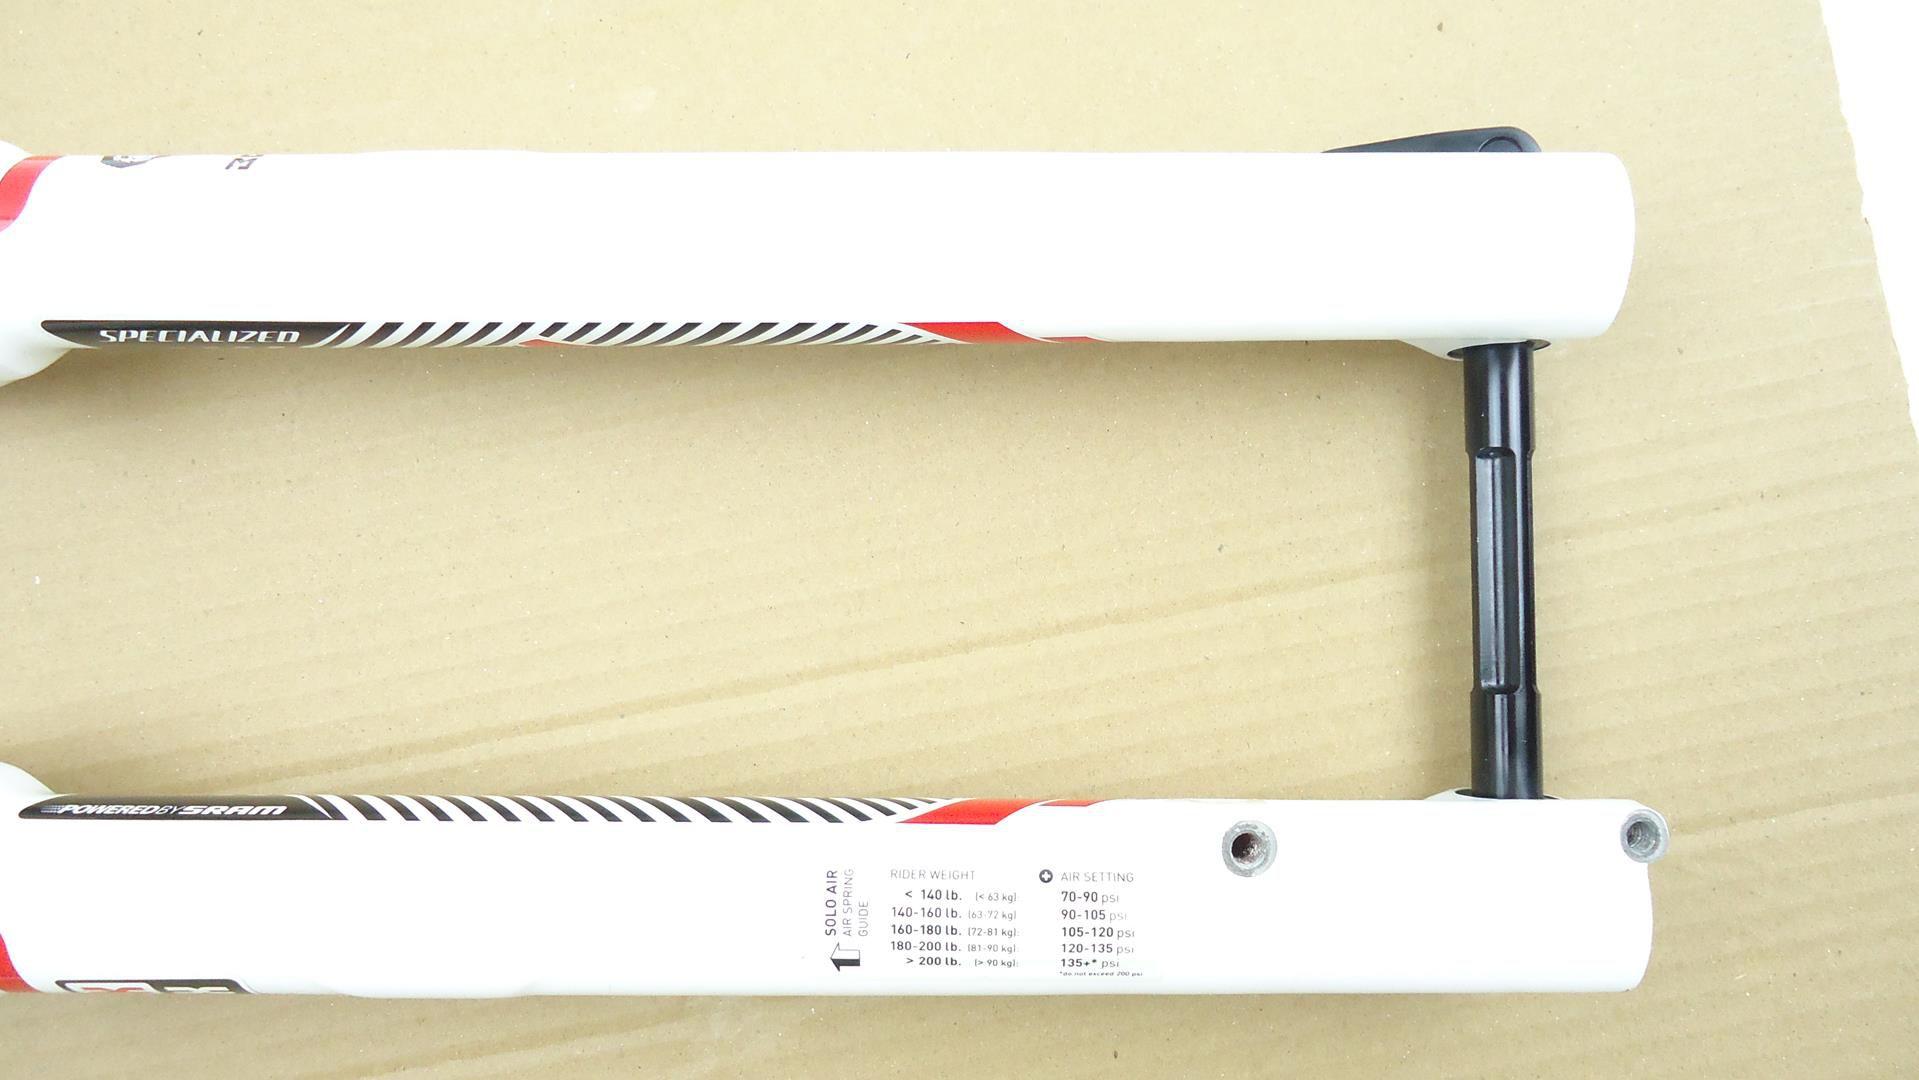 Suspensão 29 Rock Shox Sid Brain WC Carbono 95mm Solo Air QR15x100mm - USADO